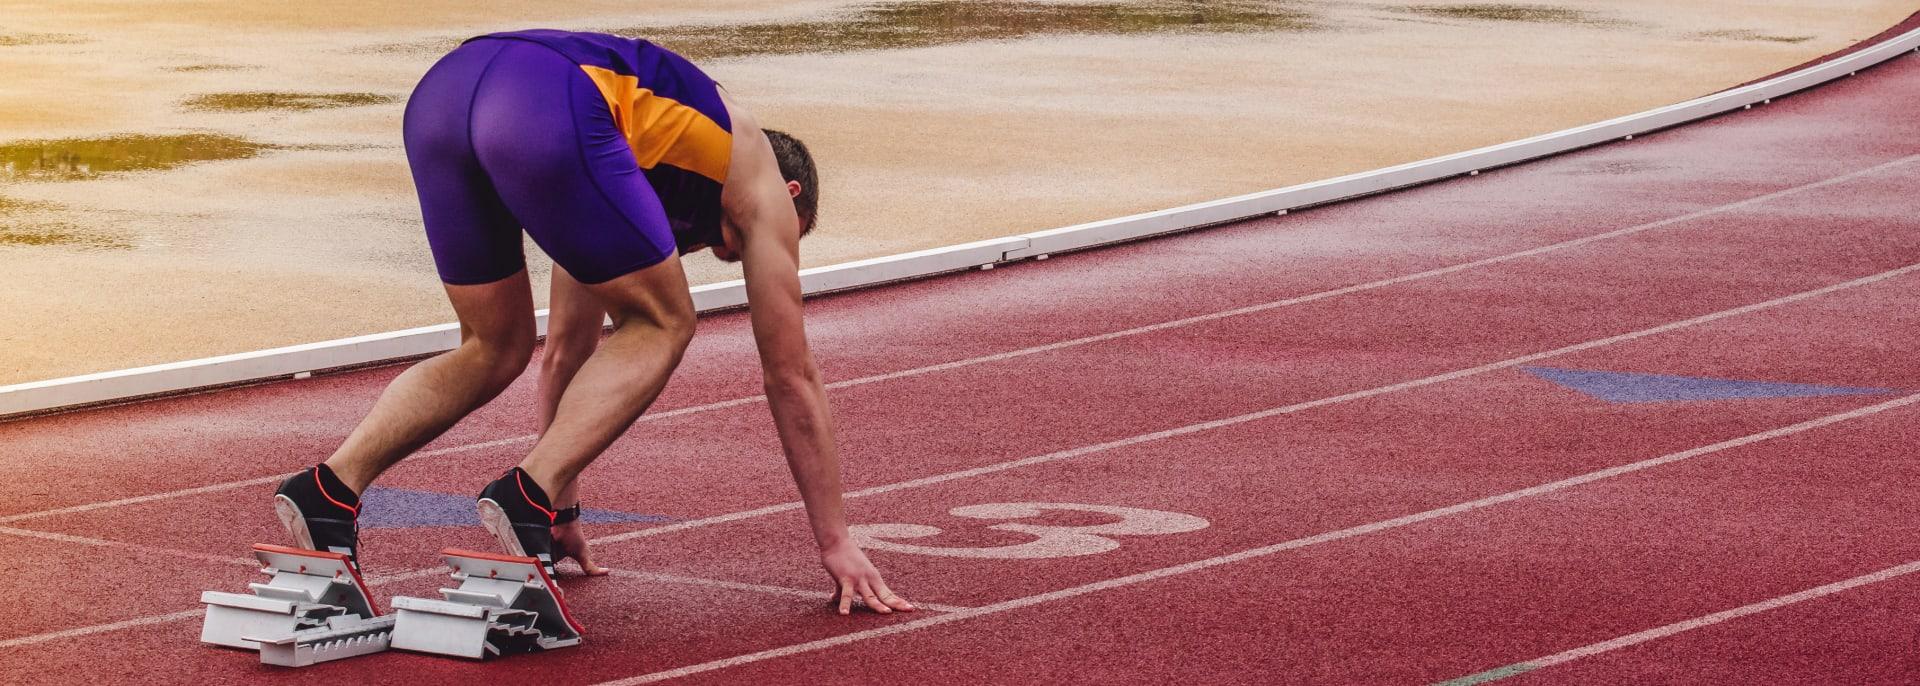 Leichtathletik-Trainingslagerreisen, Knecht Reisen